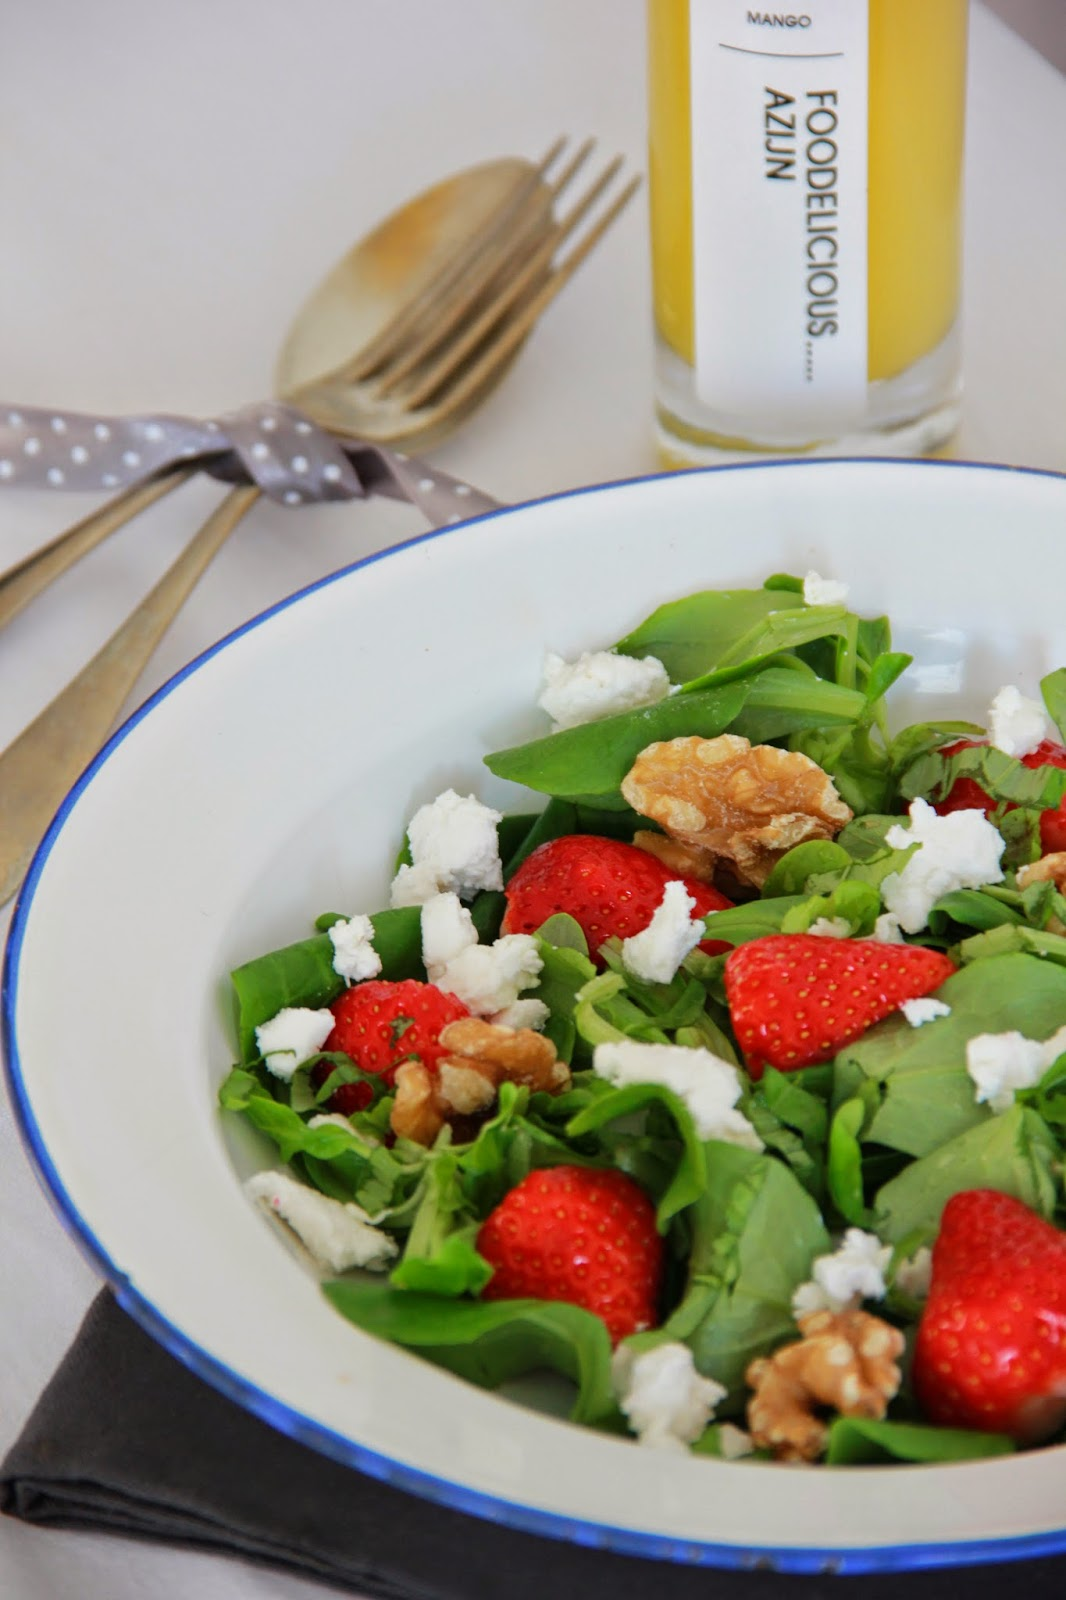 Aardbeien salade met geitenkaas, basilicum en walnoten - www.desmaakvancecile.com